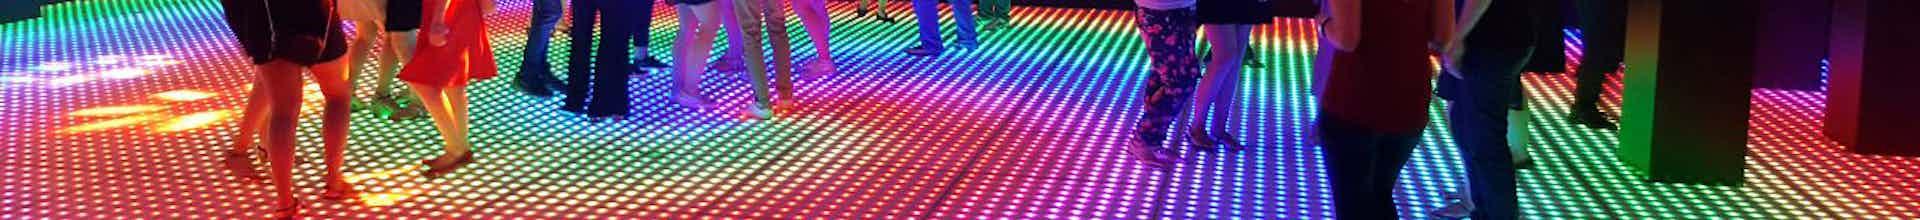 LED Tanzboden mieten